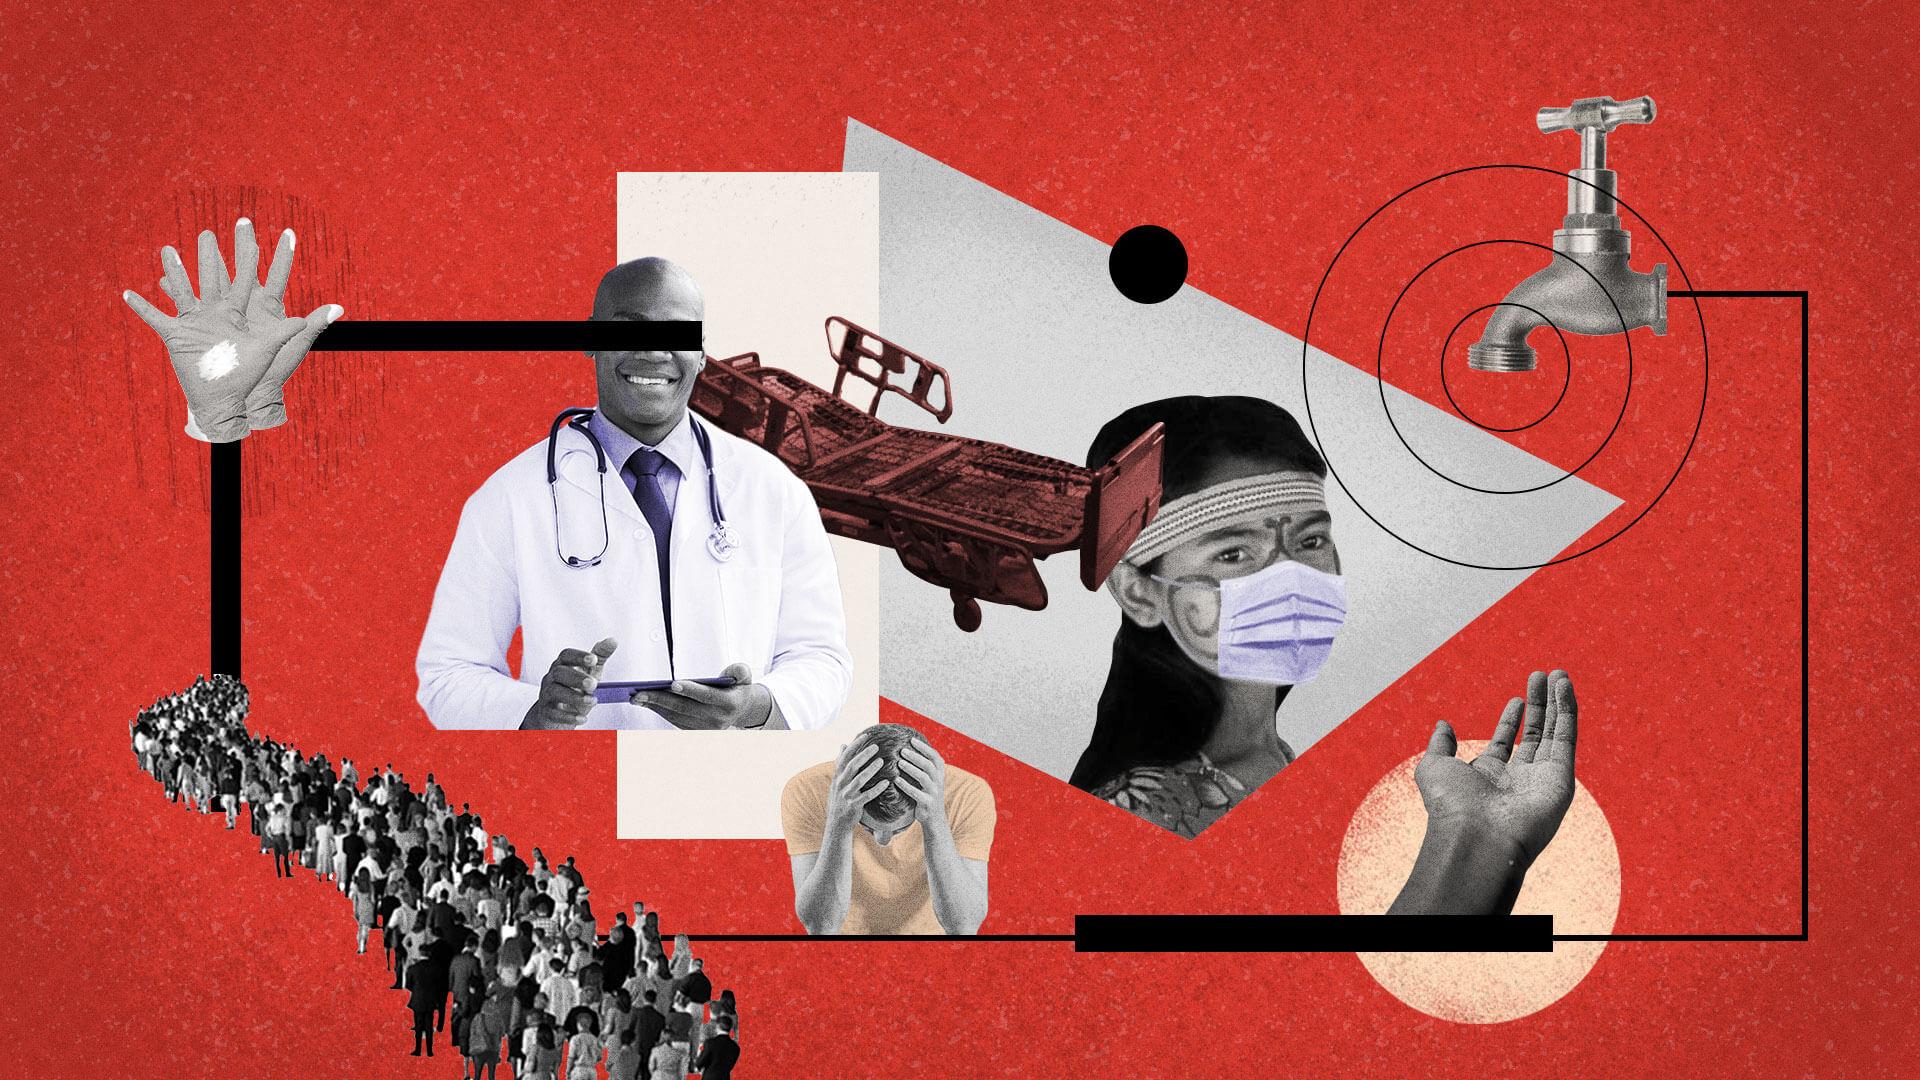 El Covid-19 nos muestra las desigualdades que hay en el sistema de salud